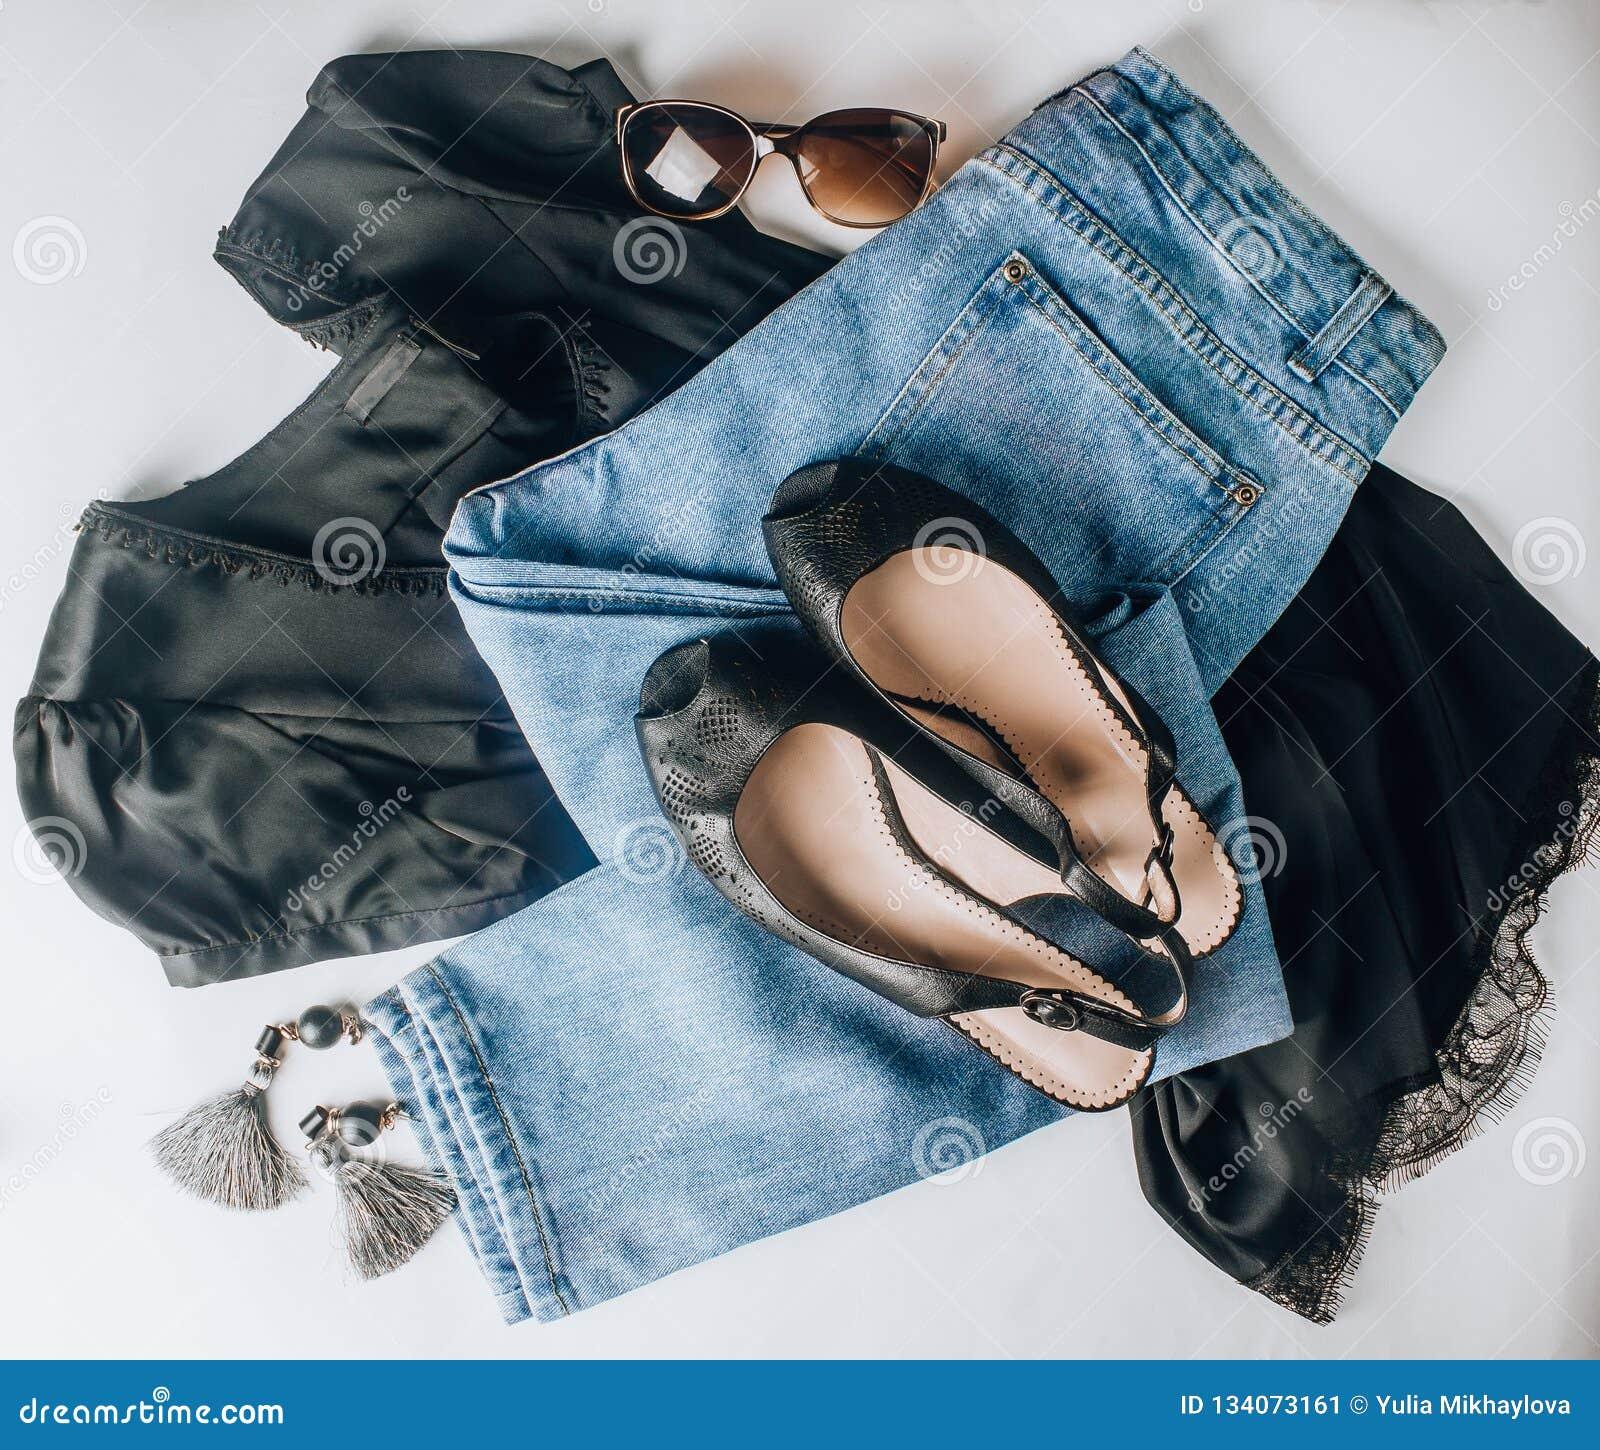 Μαύρα παπούτσια δέρματος, τζιν παντελόνι, μαύρες μπλούζες μεταξιού, γυαλιά ηλίου και σκουλαρίκια μπλε έξυπνη γυναίκα μόδας προσώπ